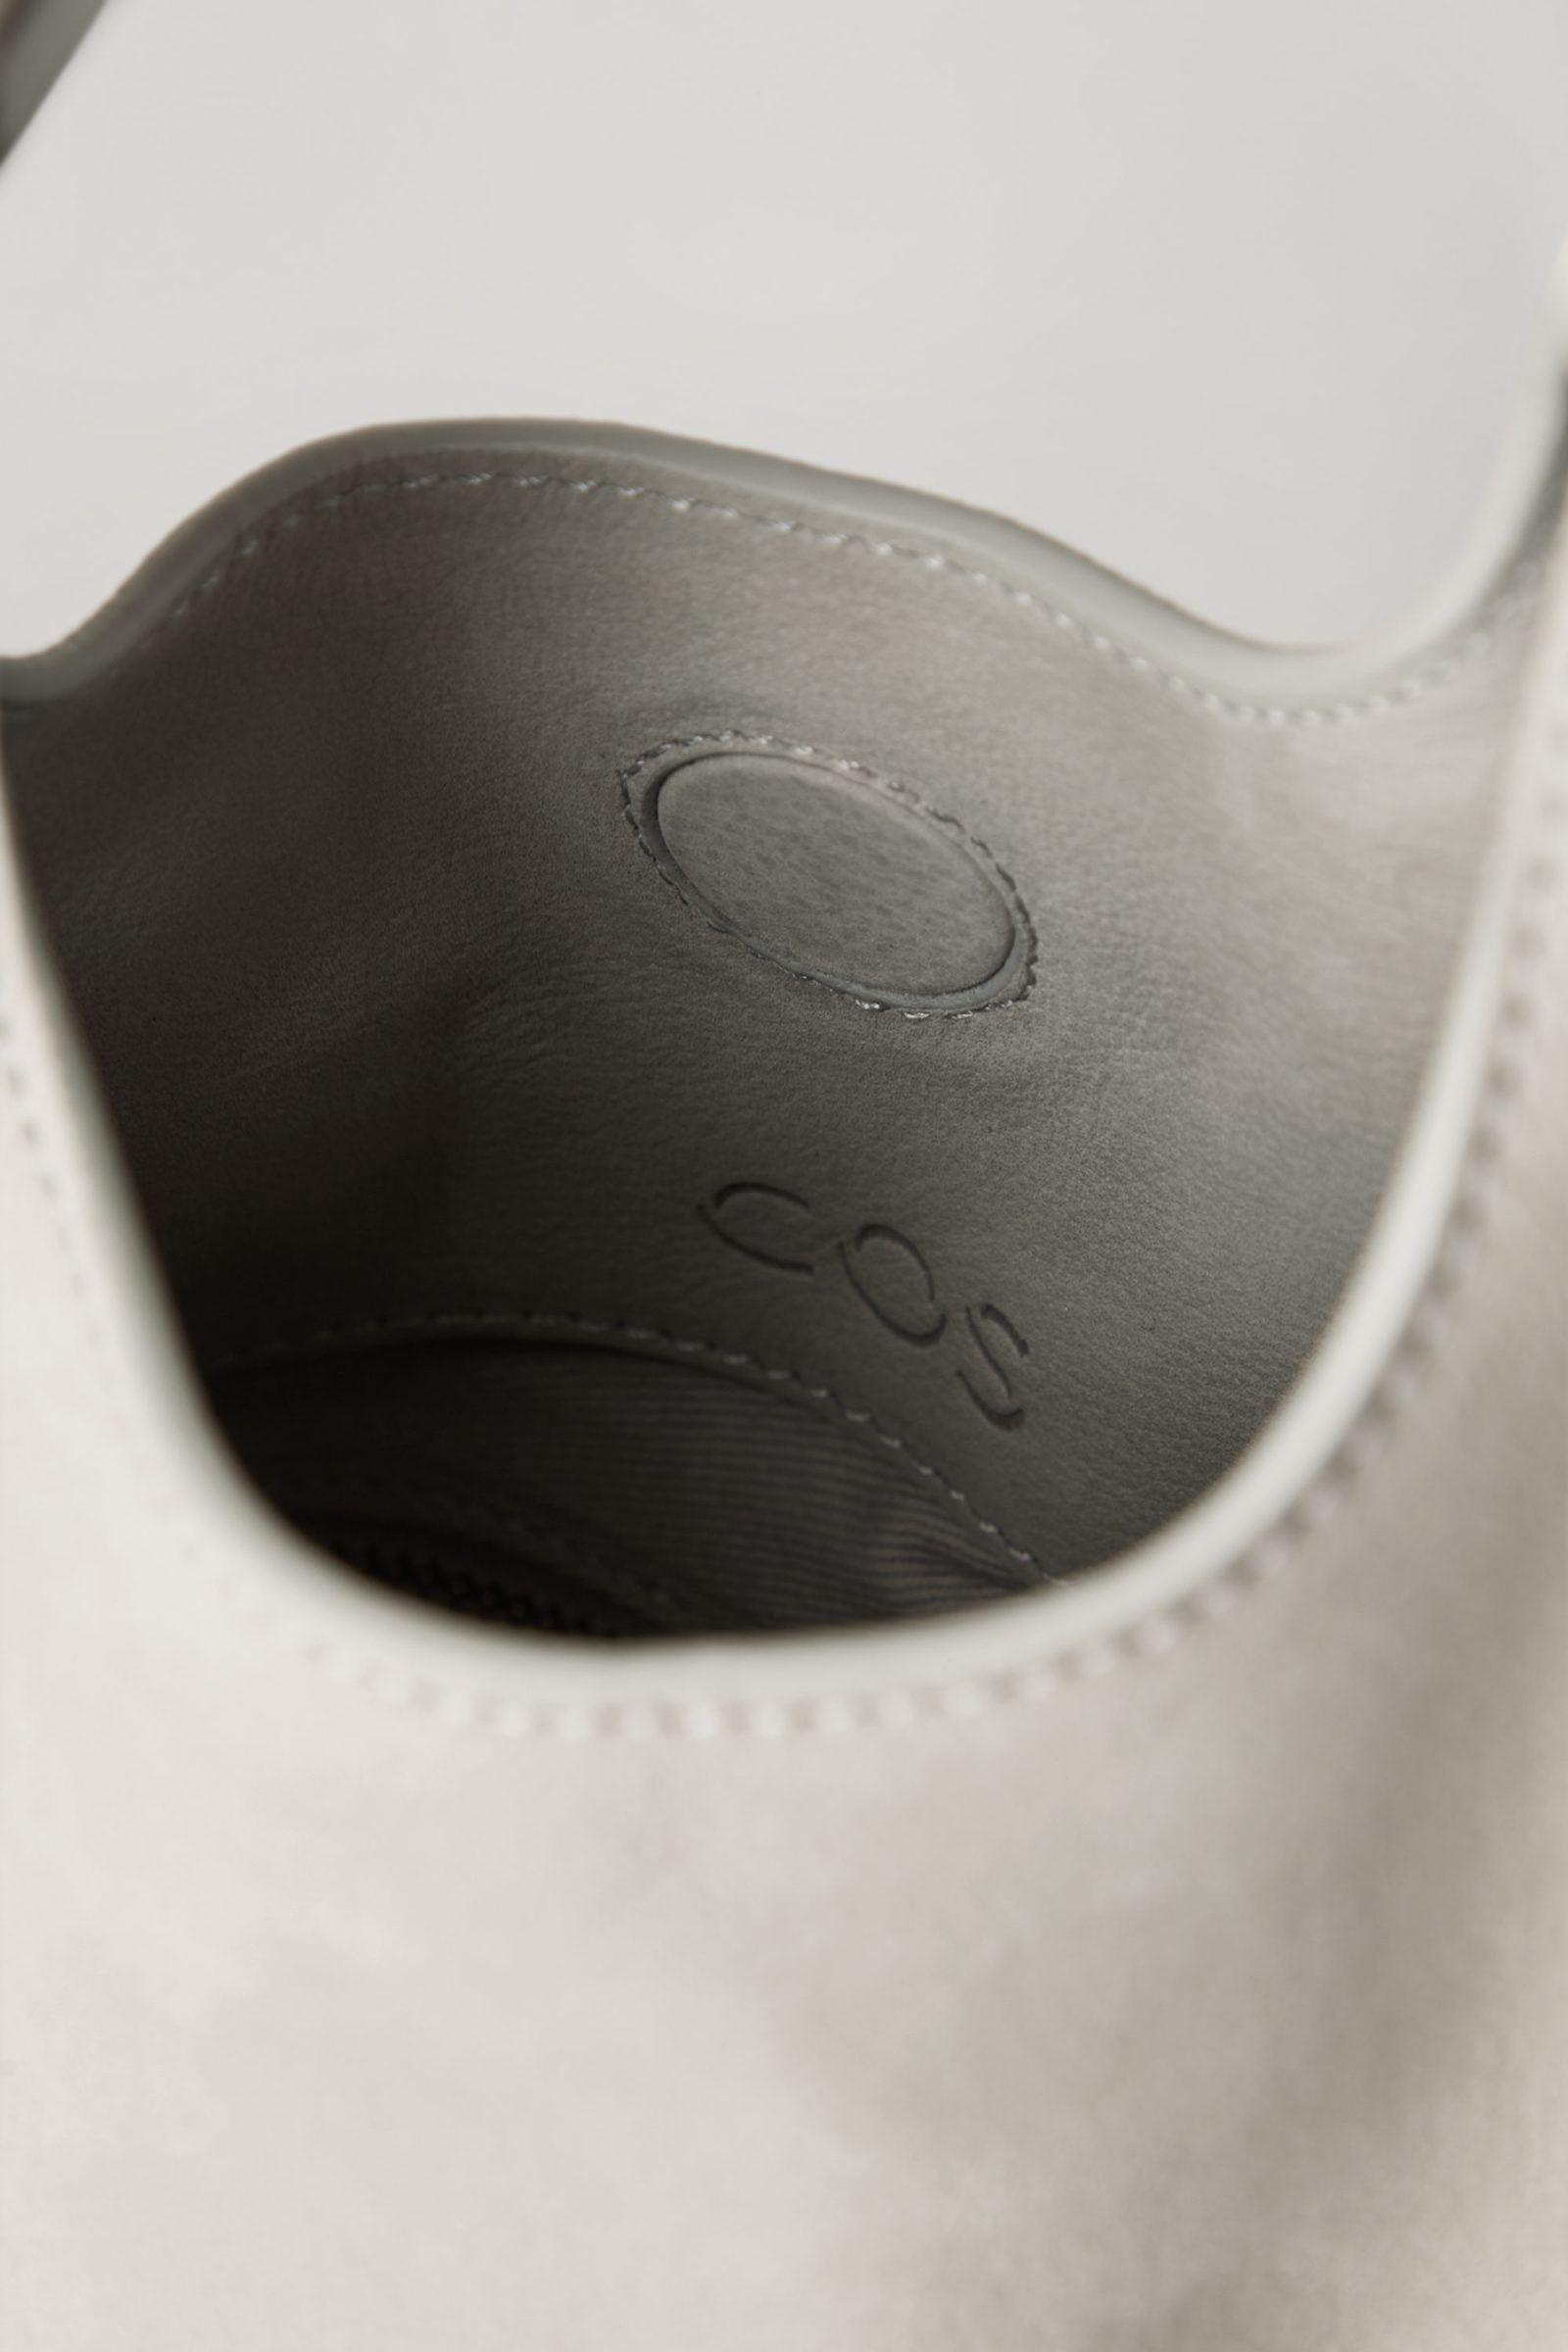 COS 레더 디컨스트럭티드 쇼퍼백의 라이트 그레이컬러 Detail입니다.